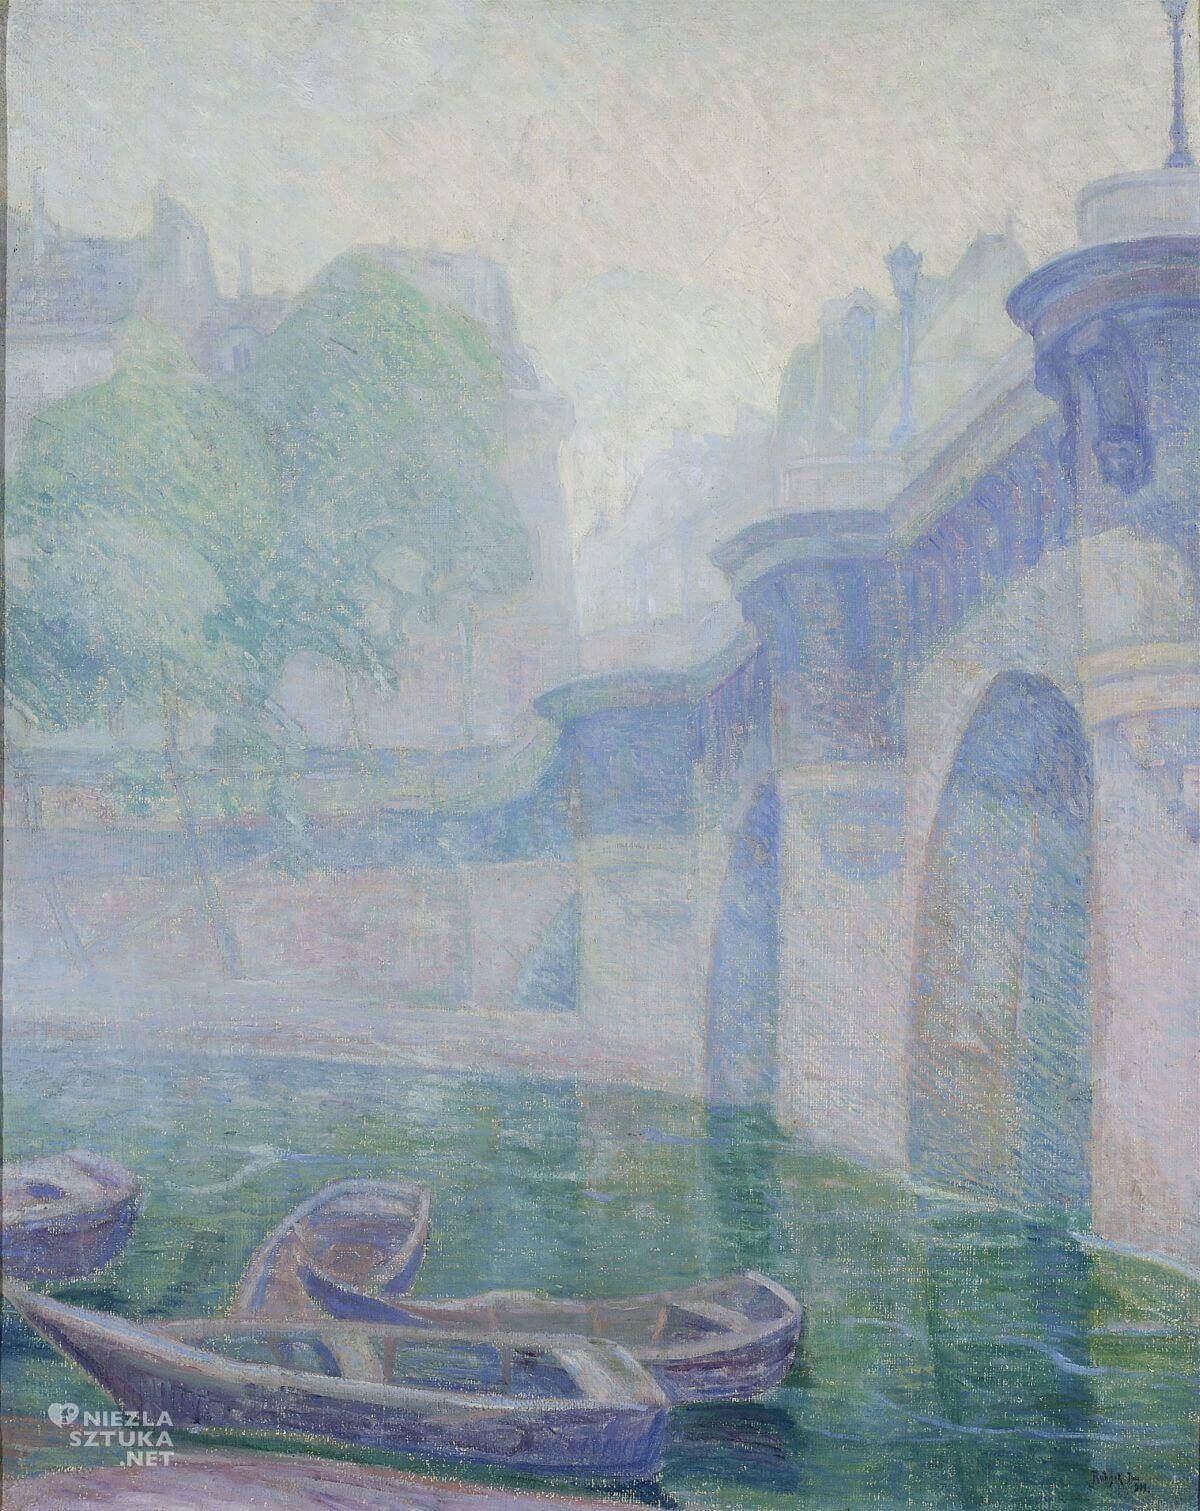 Jan Rubczak, Pont Neuf, deszczowy dzień, pejzaż, sztuka polska, malarstwo polskie, Niezła sztuka